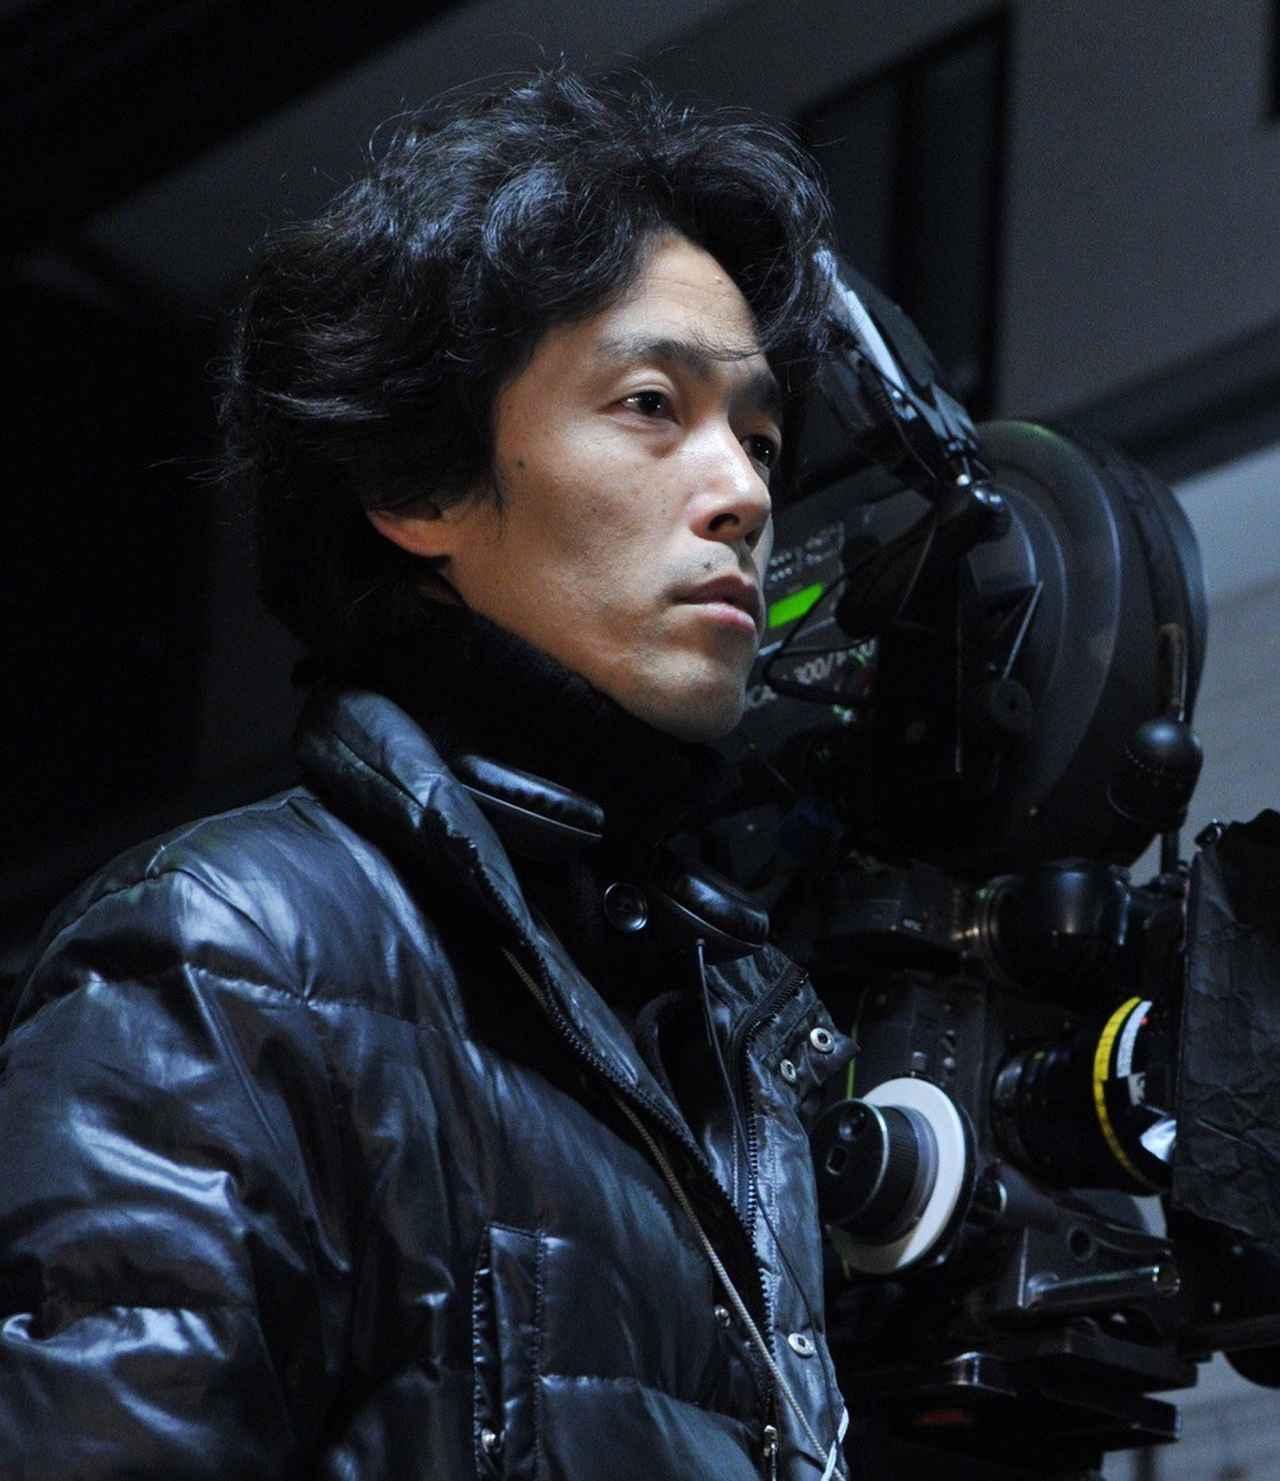 画像: 『僕のヒーローアカデミア』ハリウッド実写版のメガホンをとるのは佐藤信介監督に決定